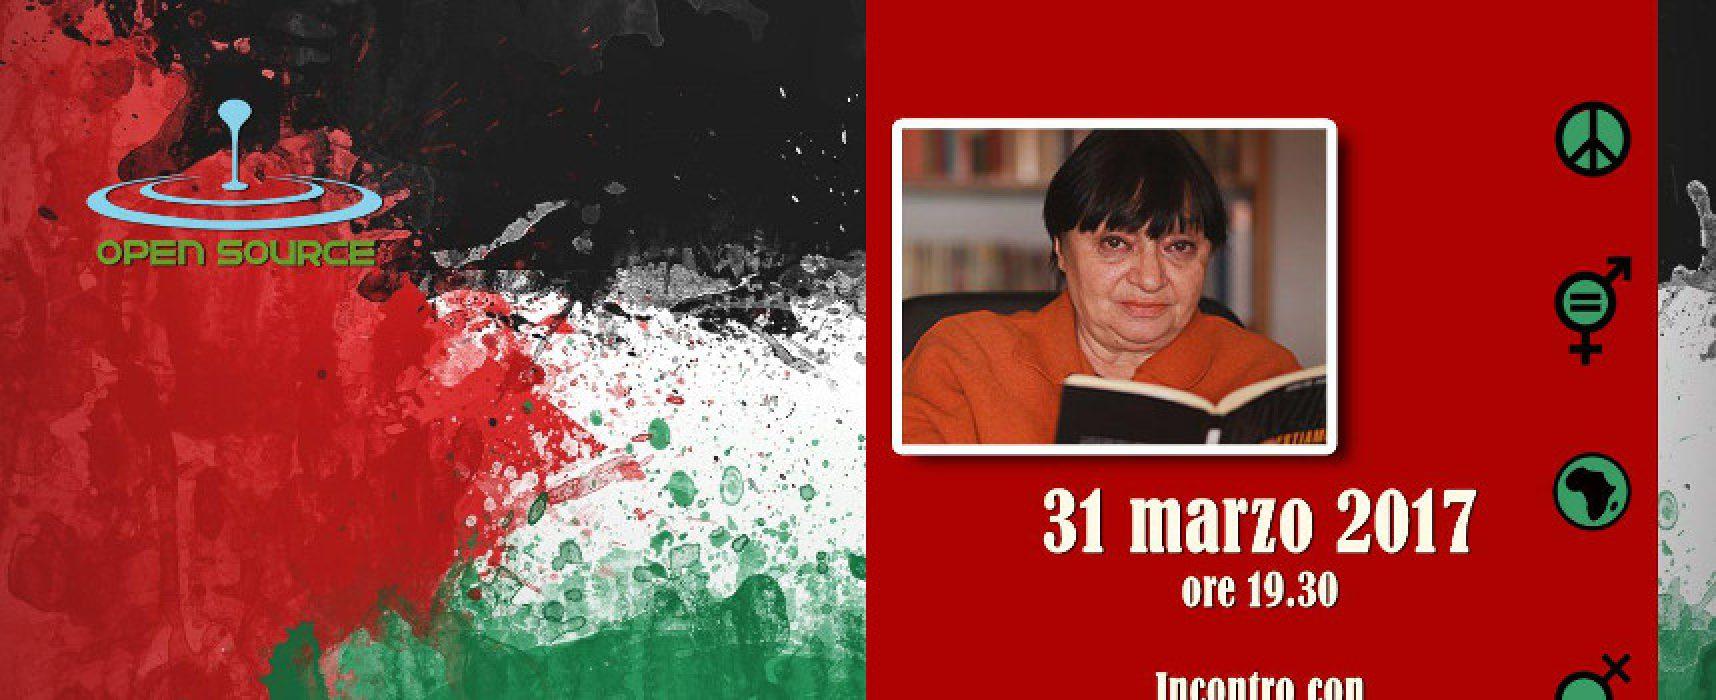 La candidata al Premio Nobel per la Pace Luisa Morgantini ospite dell'Arci Opensource